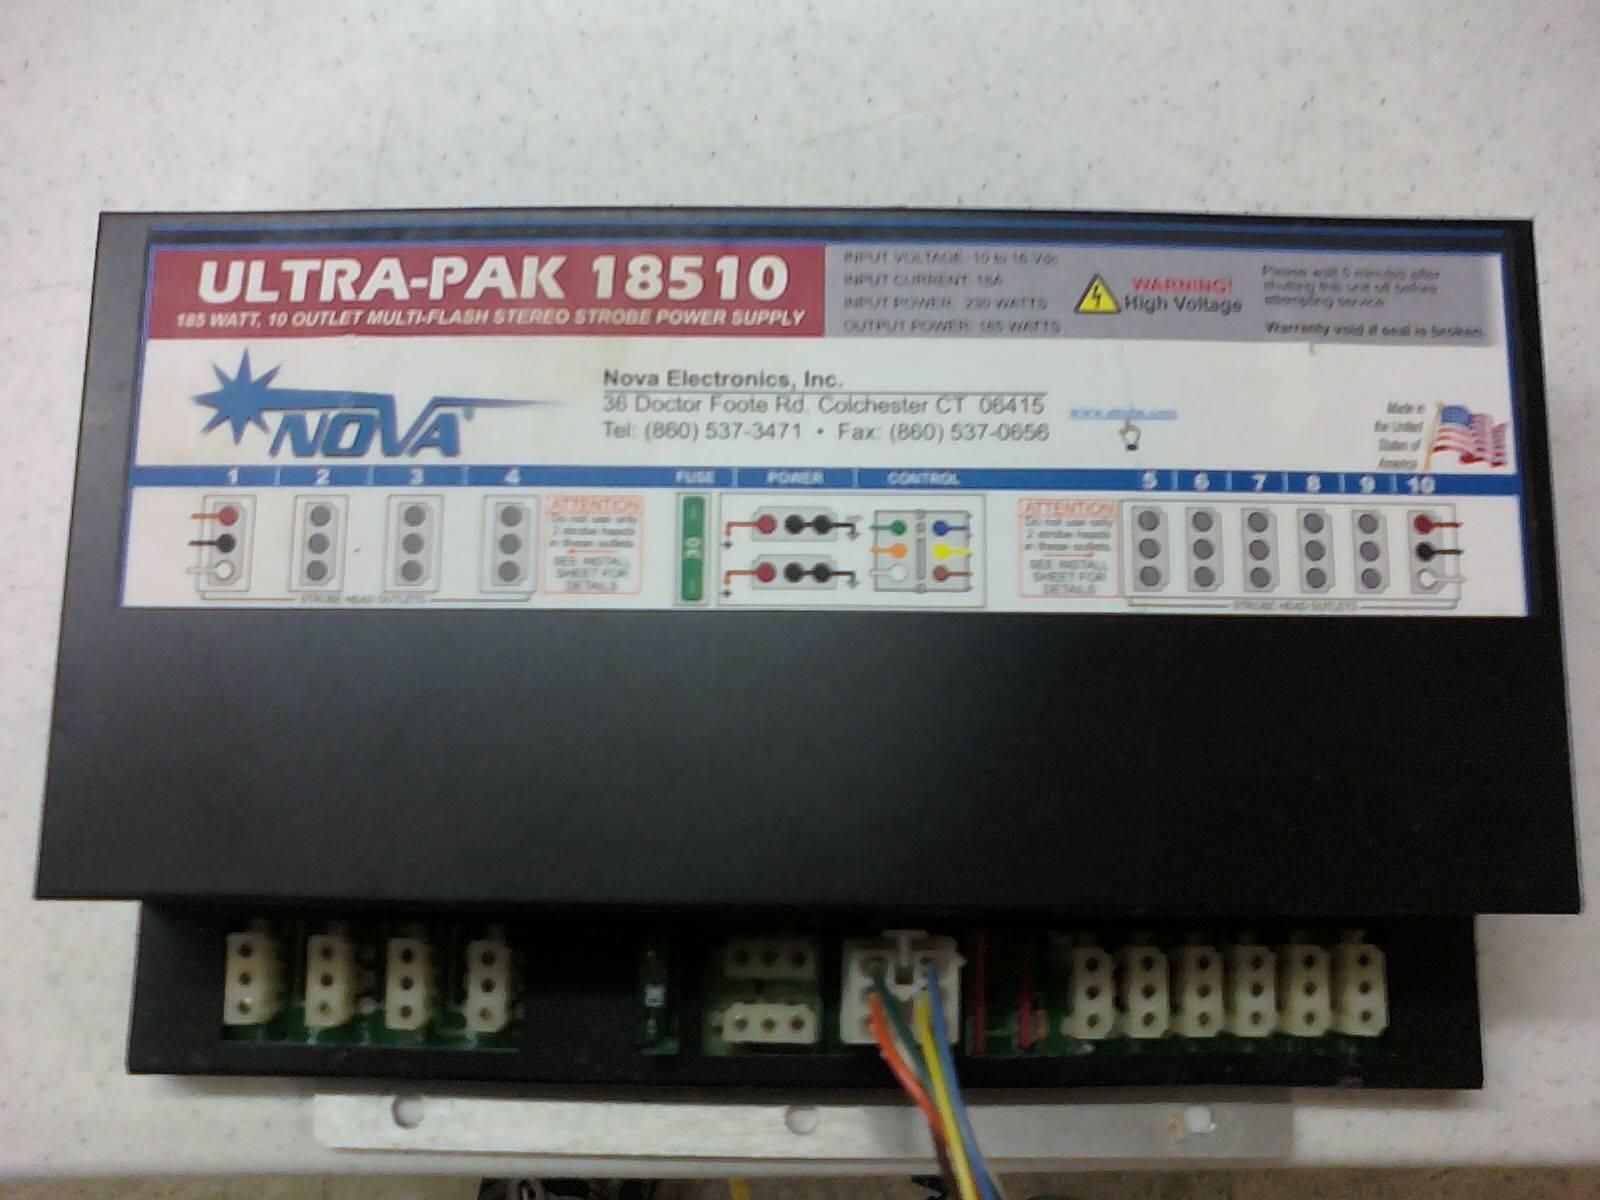 1-Nova Ultra-Pak 18510 Strobe Power Supply.